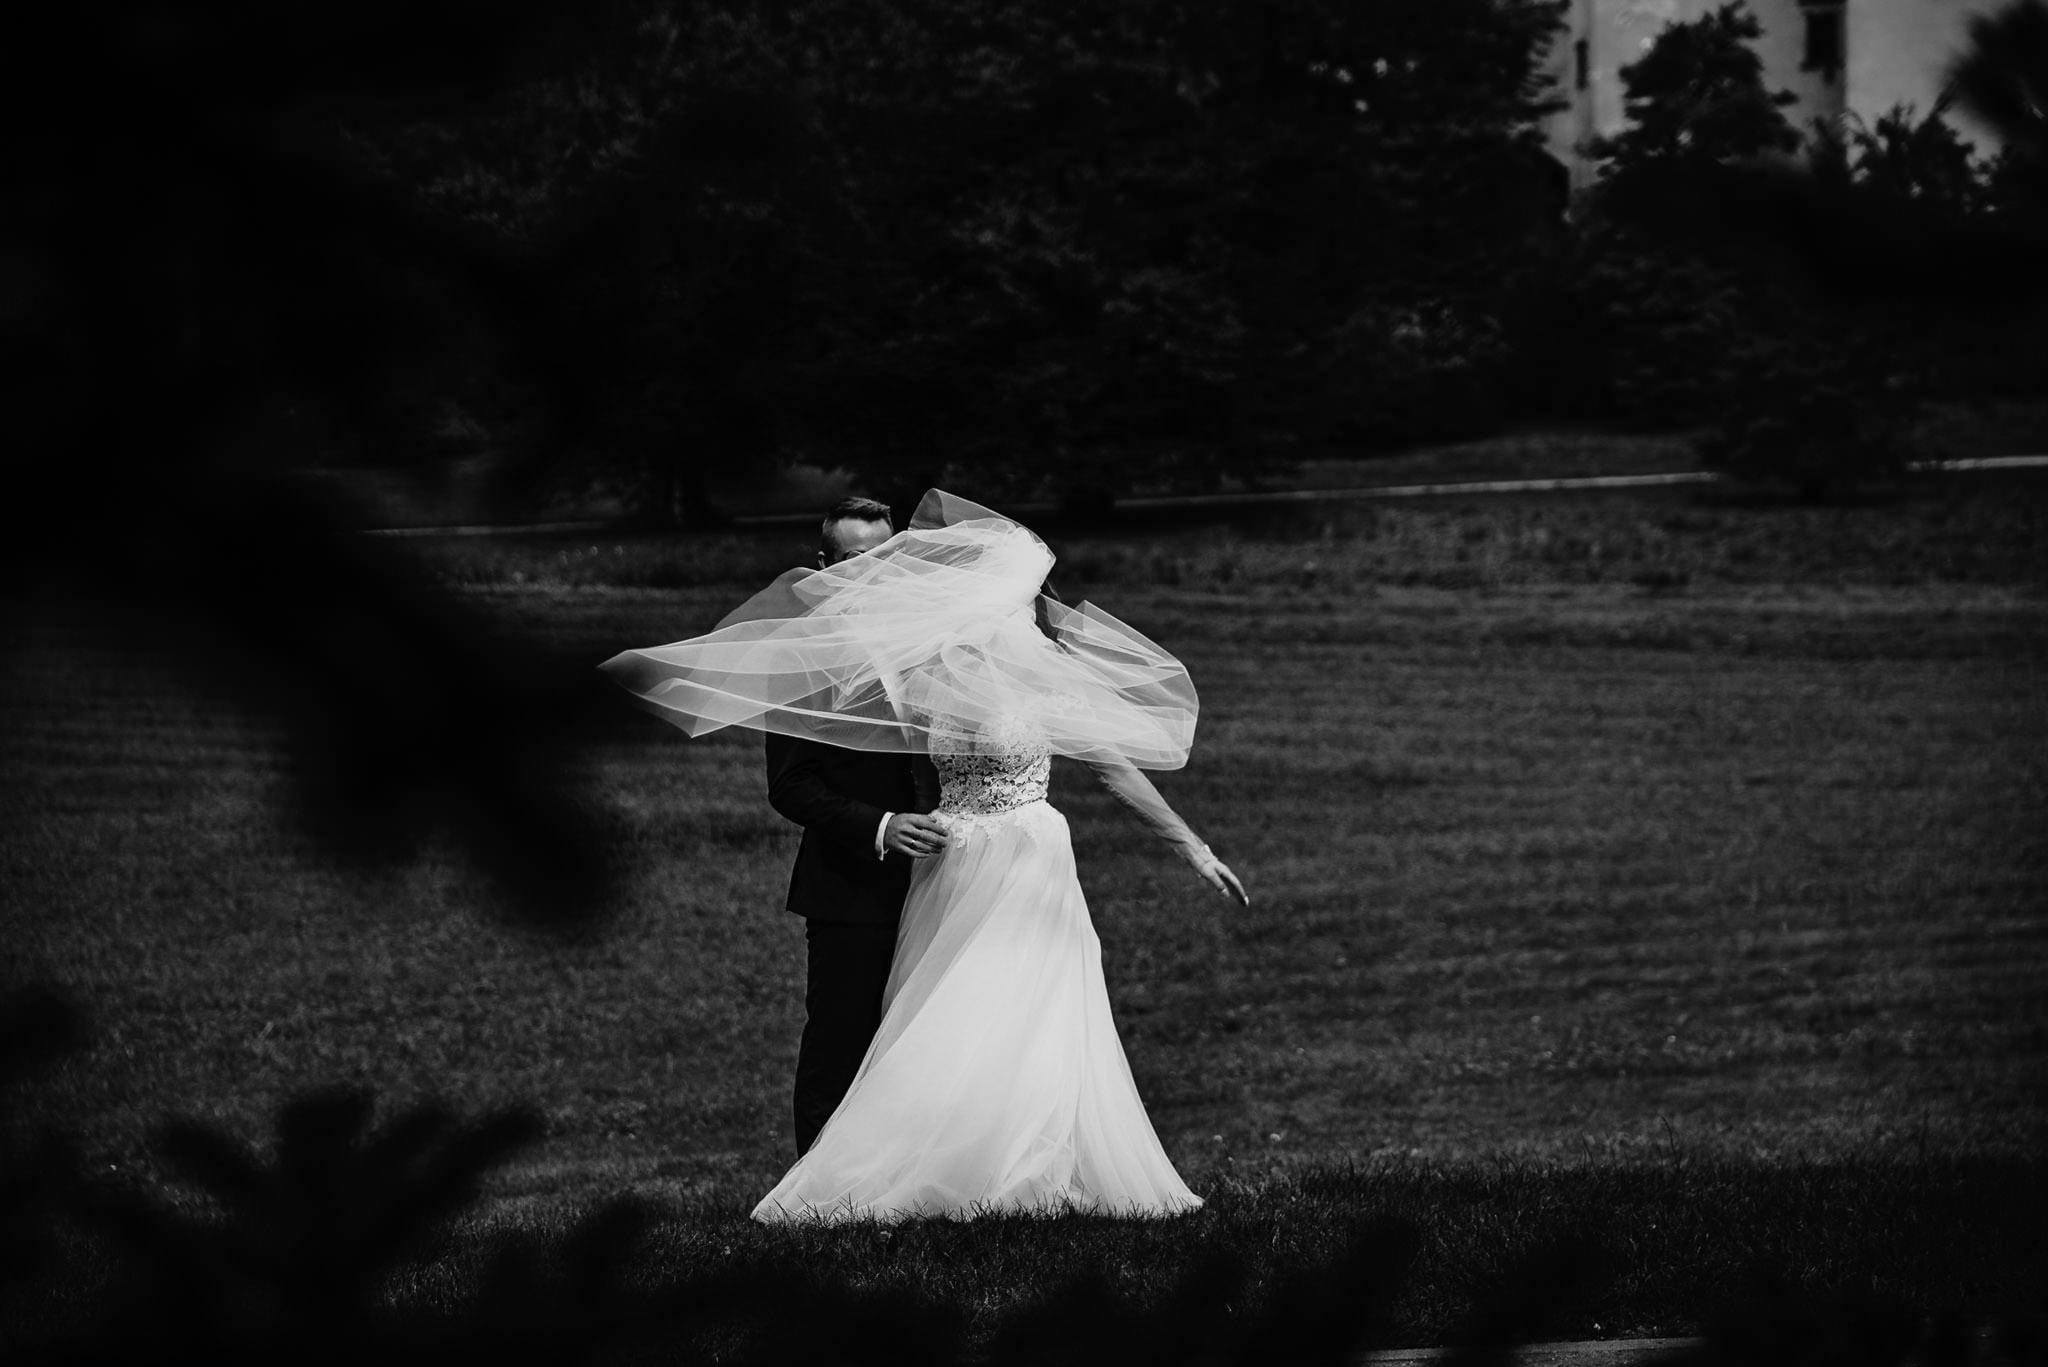 Angelika i Michał, piękne zdjęcia ślubne i sesja plenerowa w Gołuchowie 261